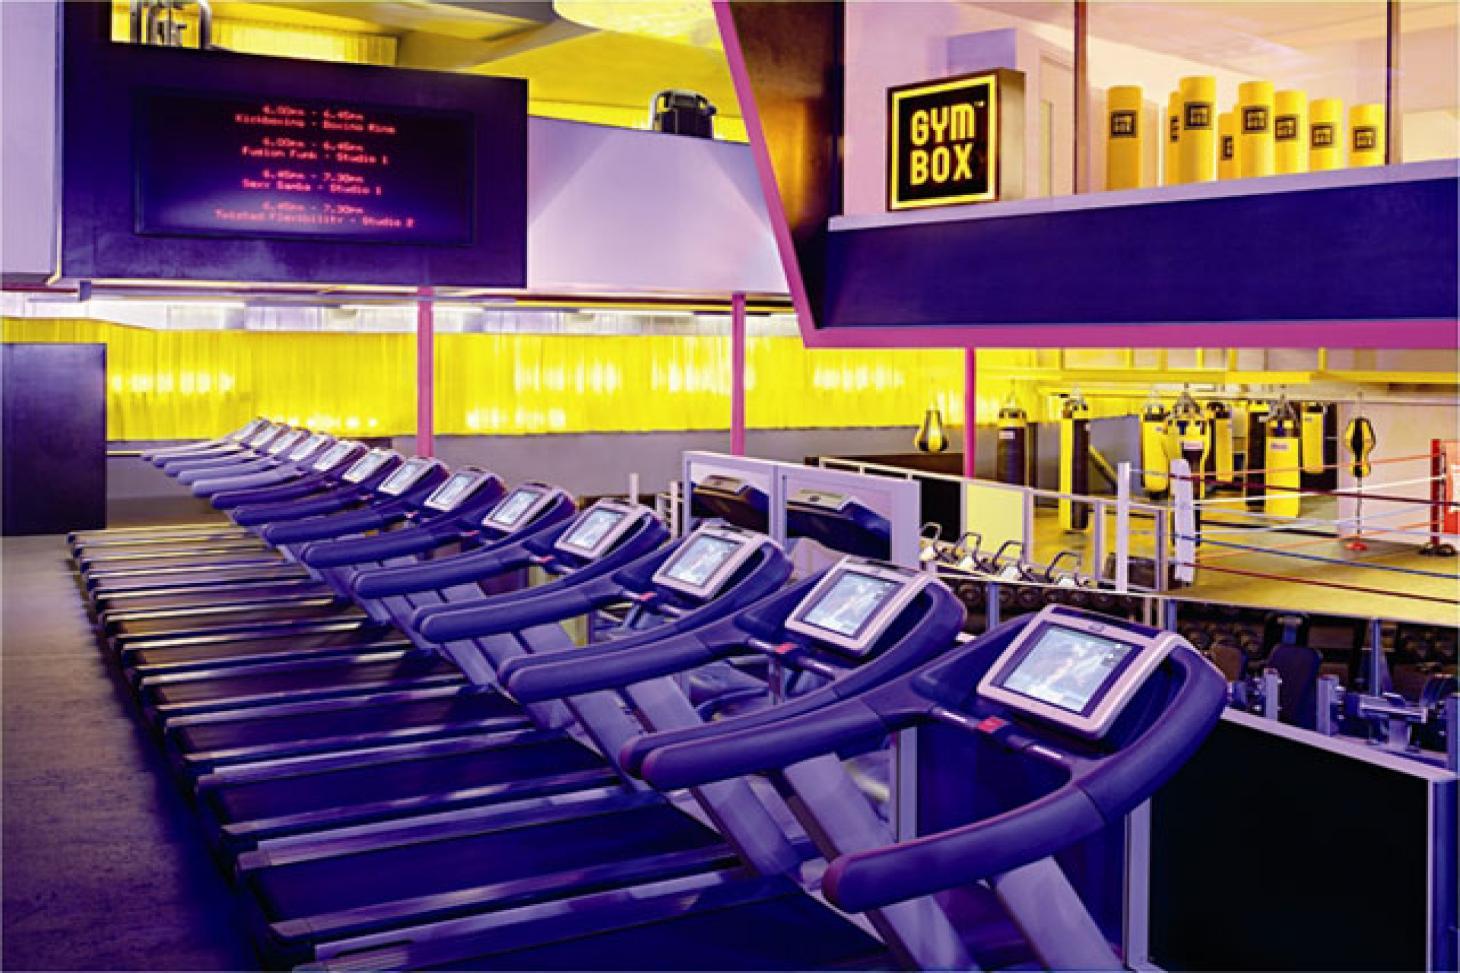 Gymbox Holborn Gym gym